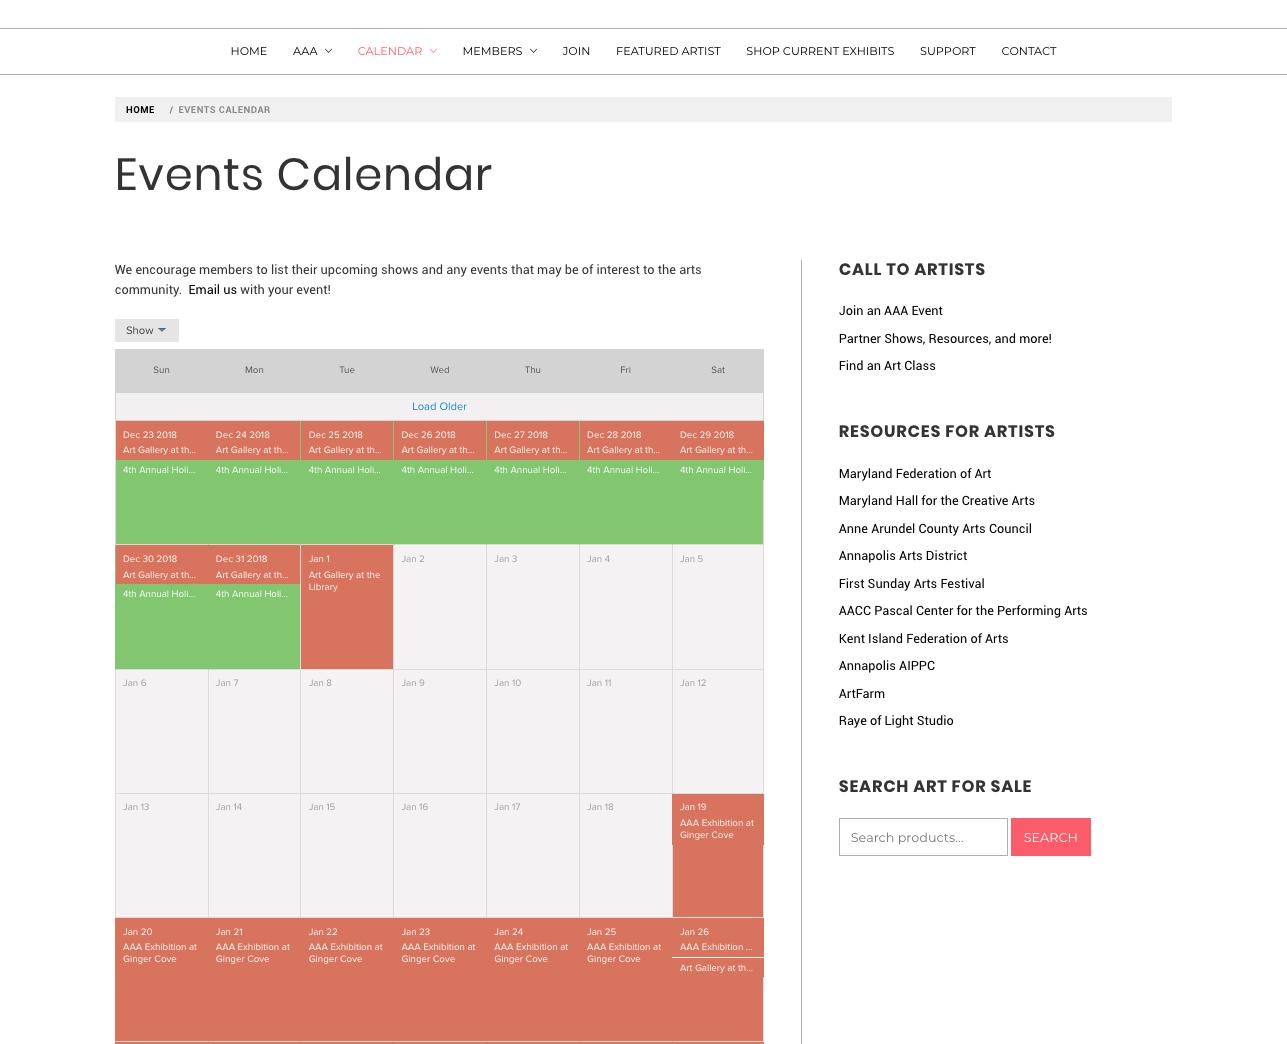 AAA Events Calendar